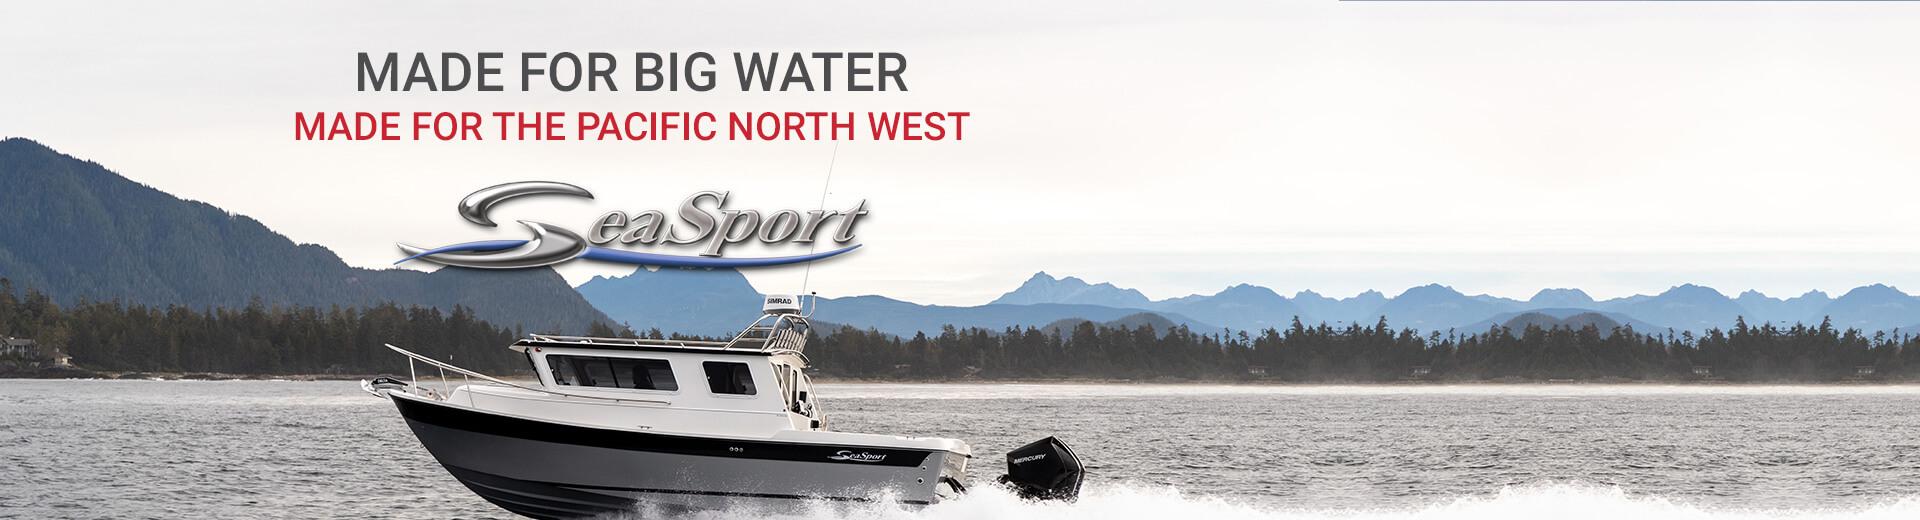 20191218-SeaSport-Boats-albernipowermarine-1576662410995